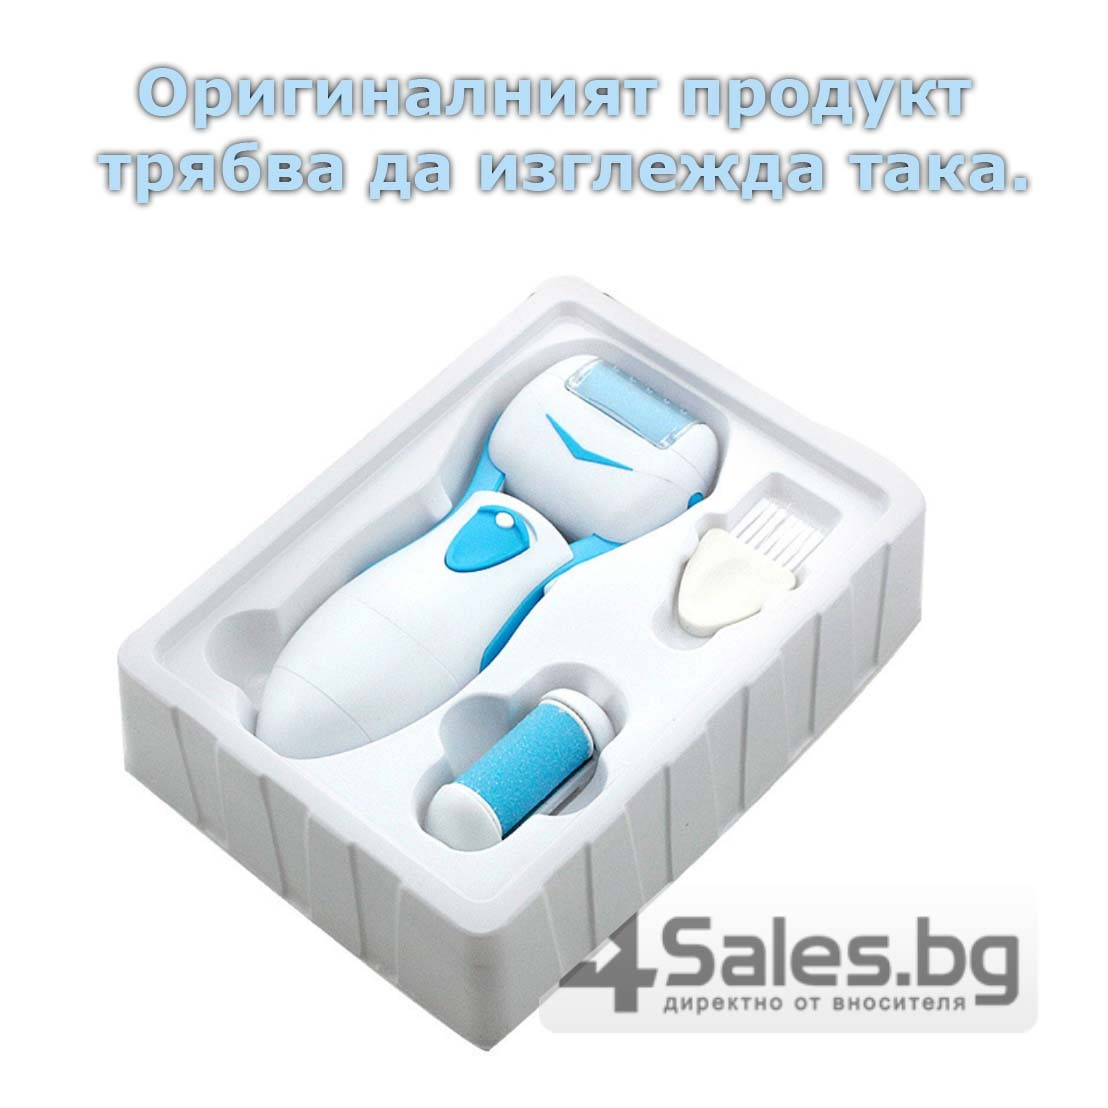 Автоматична - електрическа пила за пети Pedilime (Педилайм) - водоустойчива TV67 25